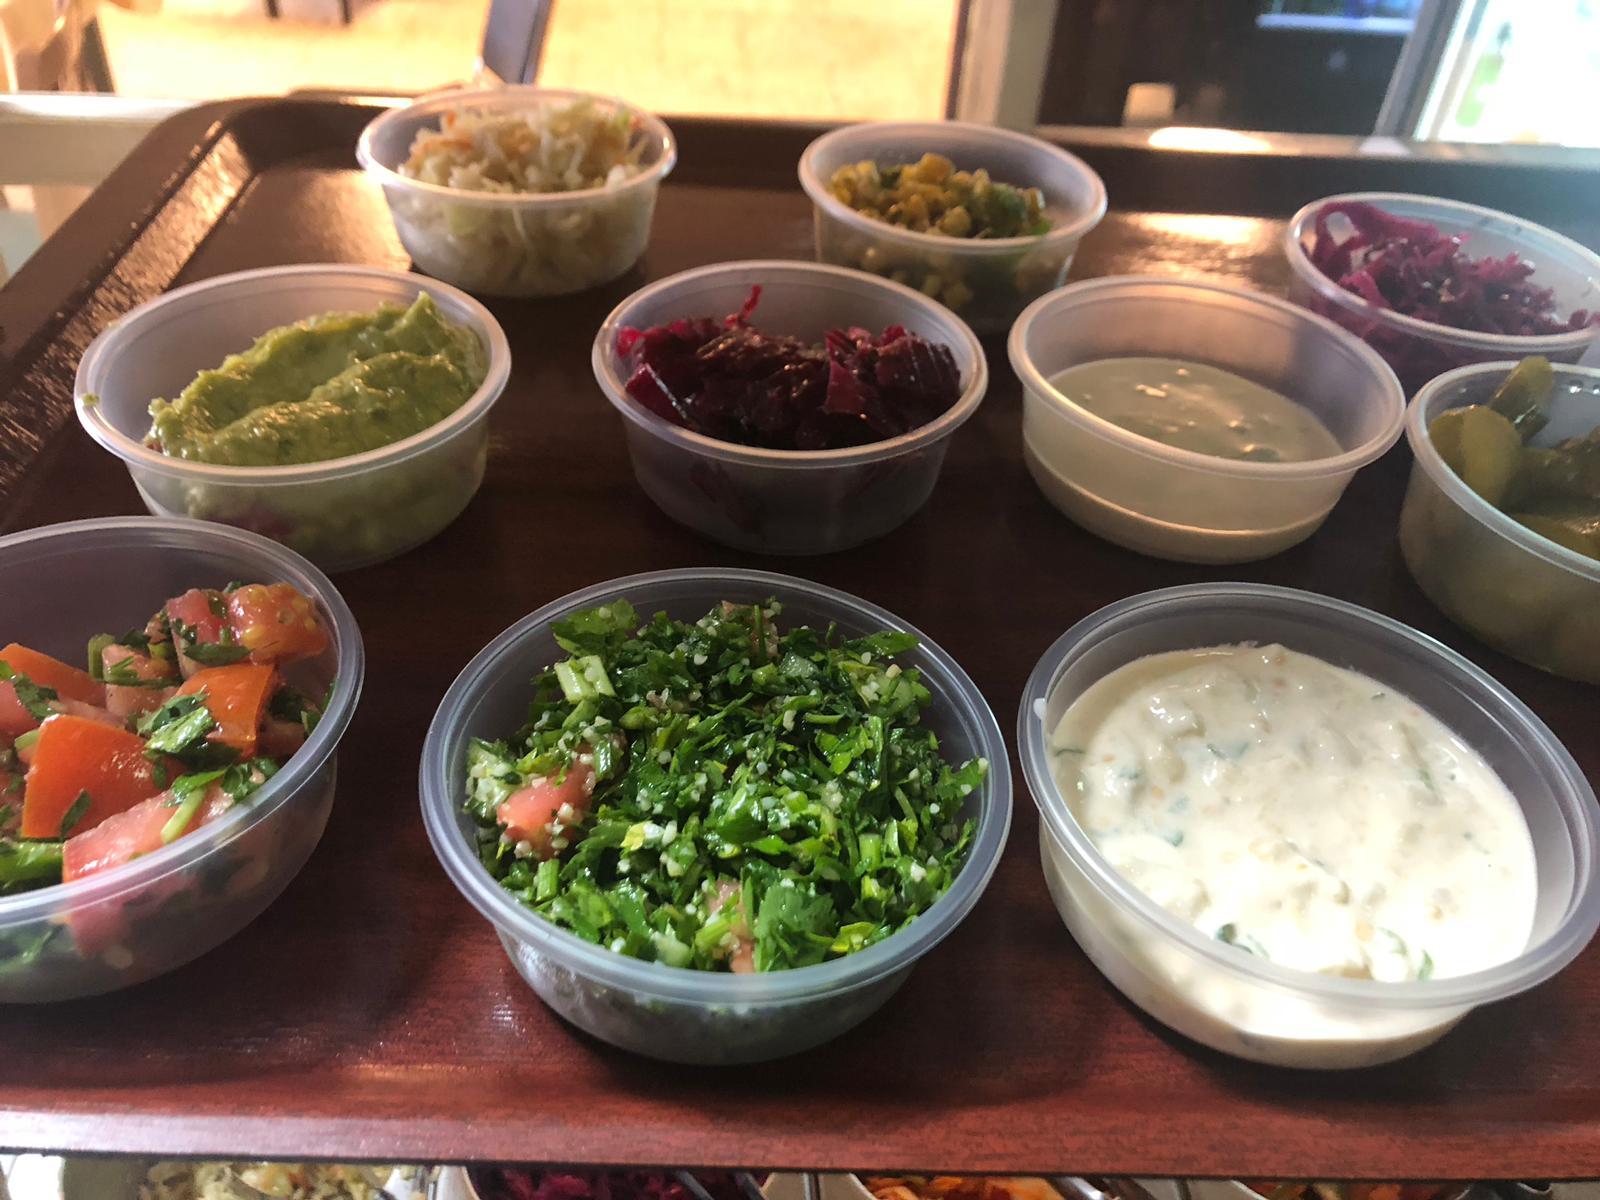 خدمة التوصيل للبيوت متوفرة الآن من مطعم أفلوكا للوجبات والمأكولات البحرية